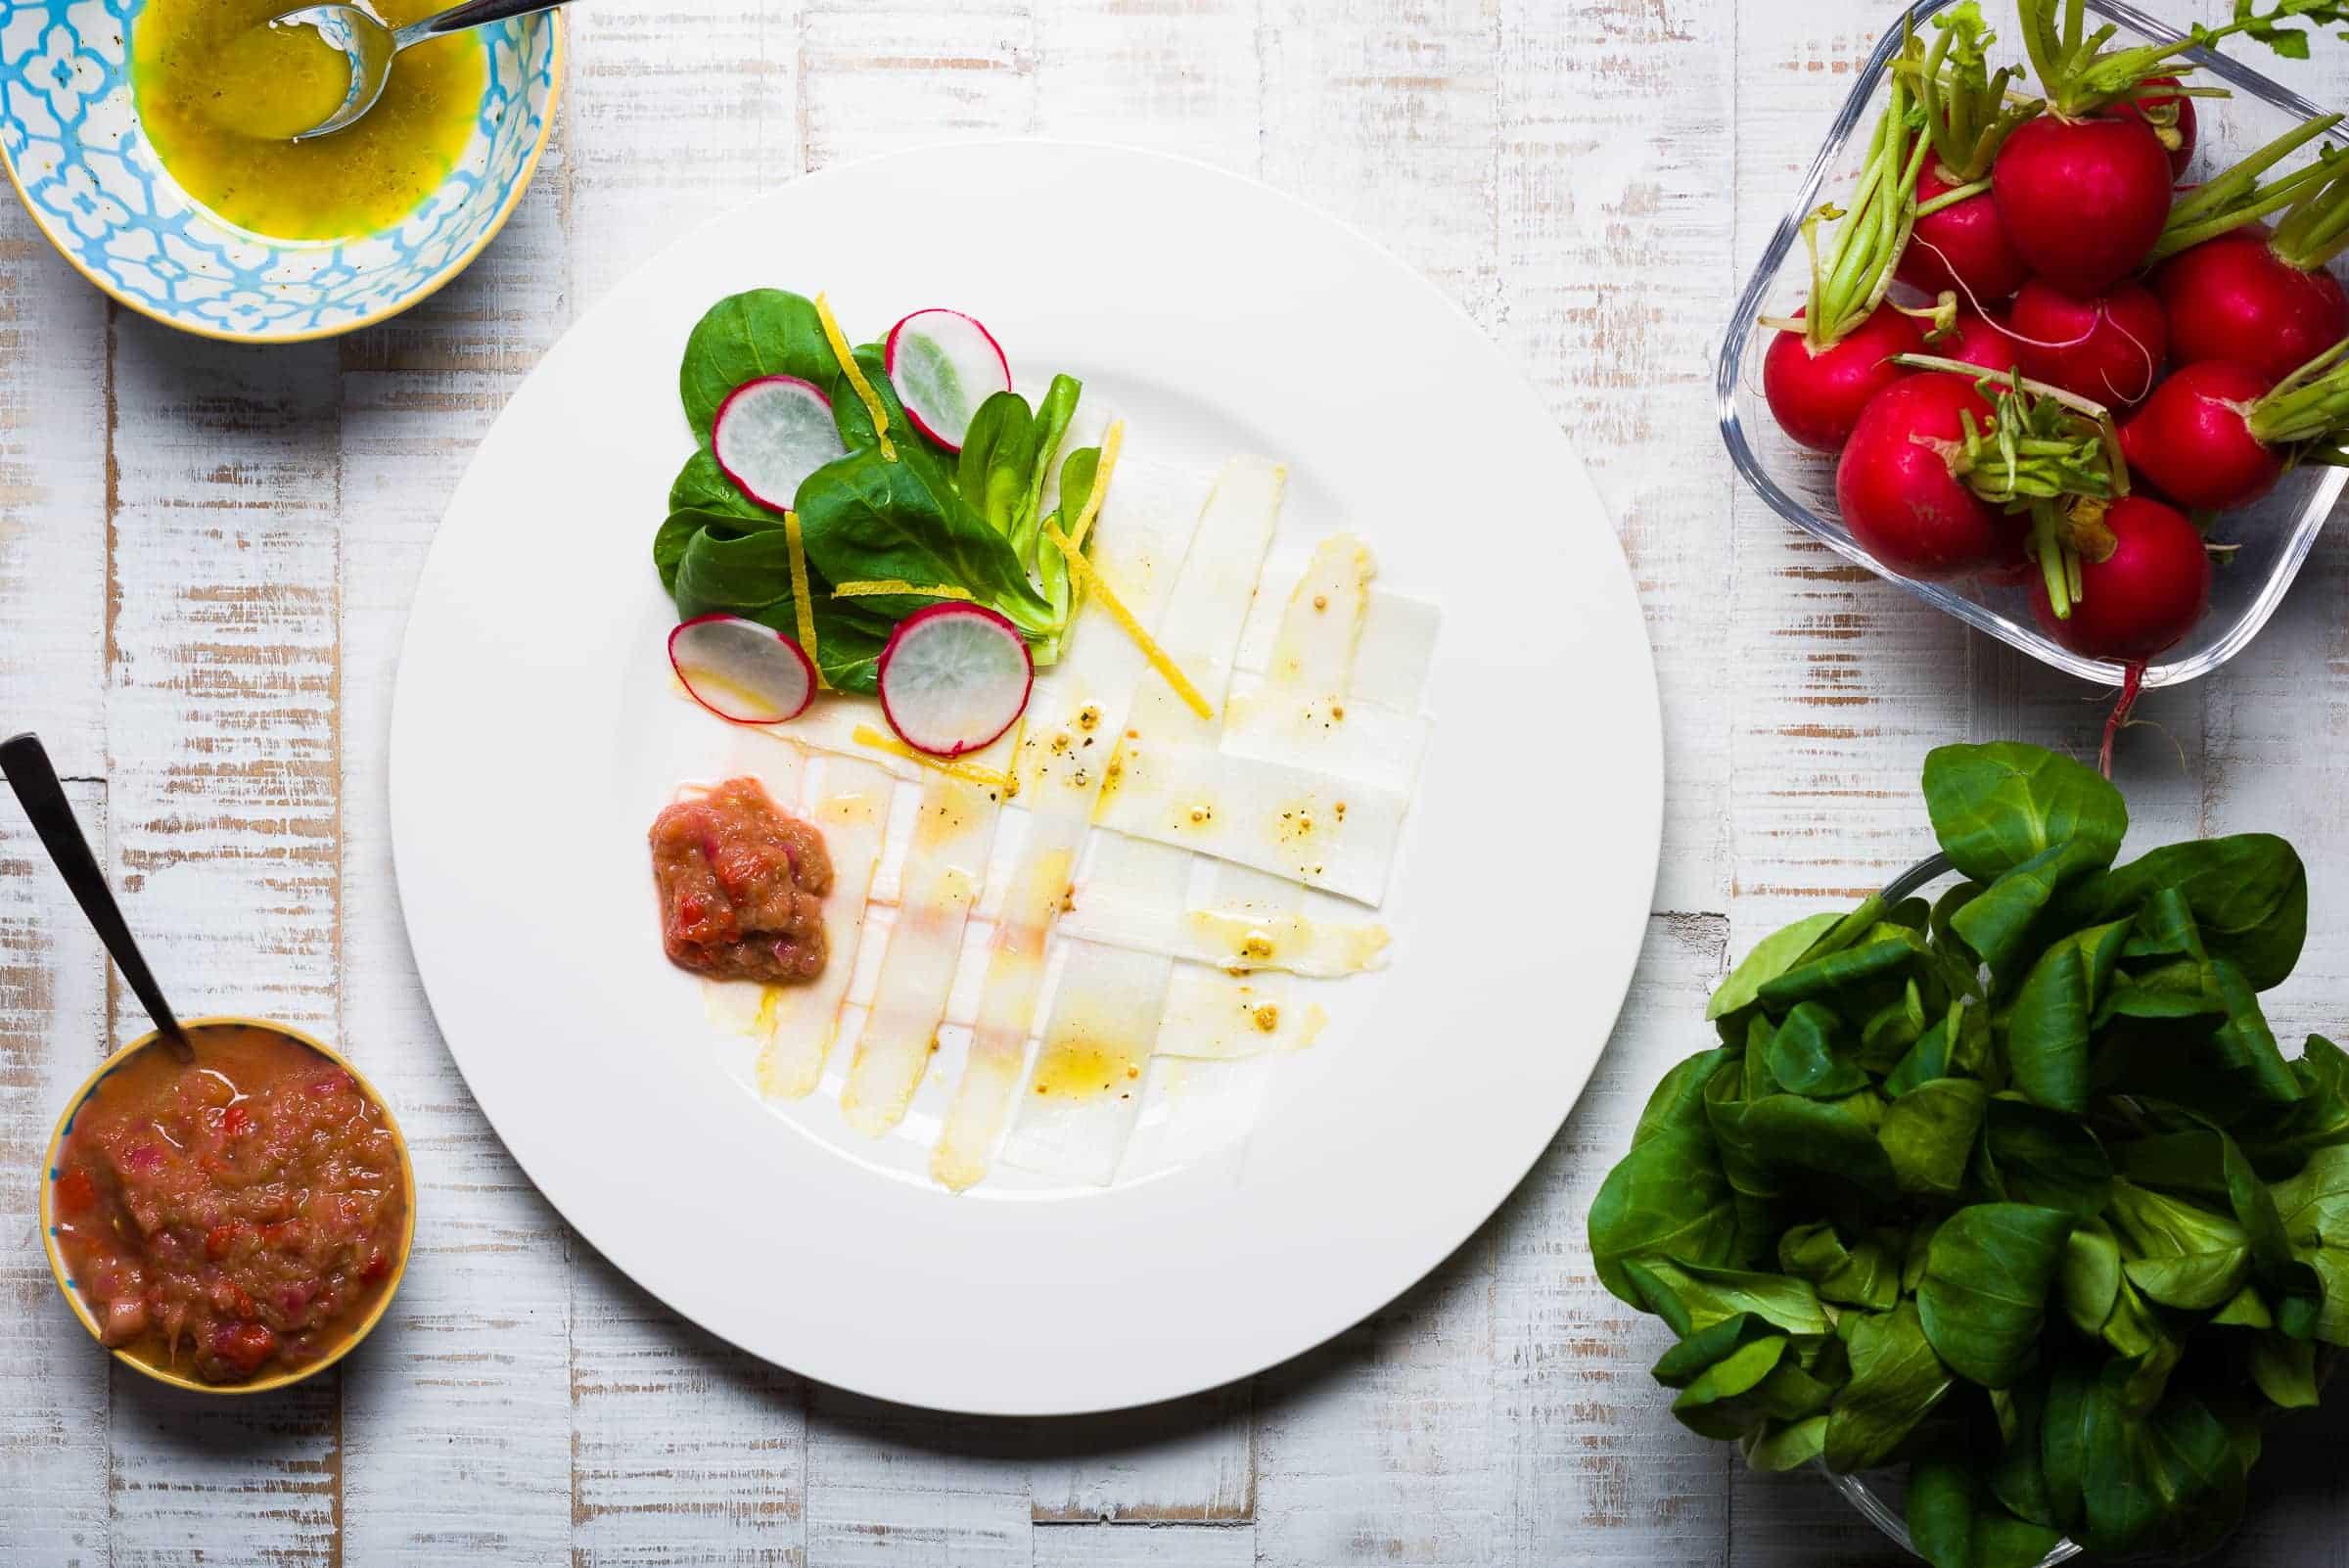 Carpaccio di asparagi bianchi con citronette alla senape ricetta hero-cover GnamAm